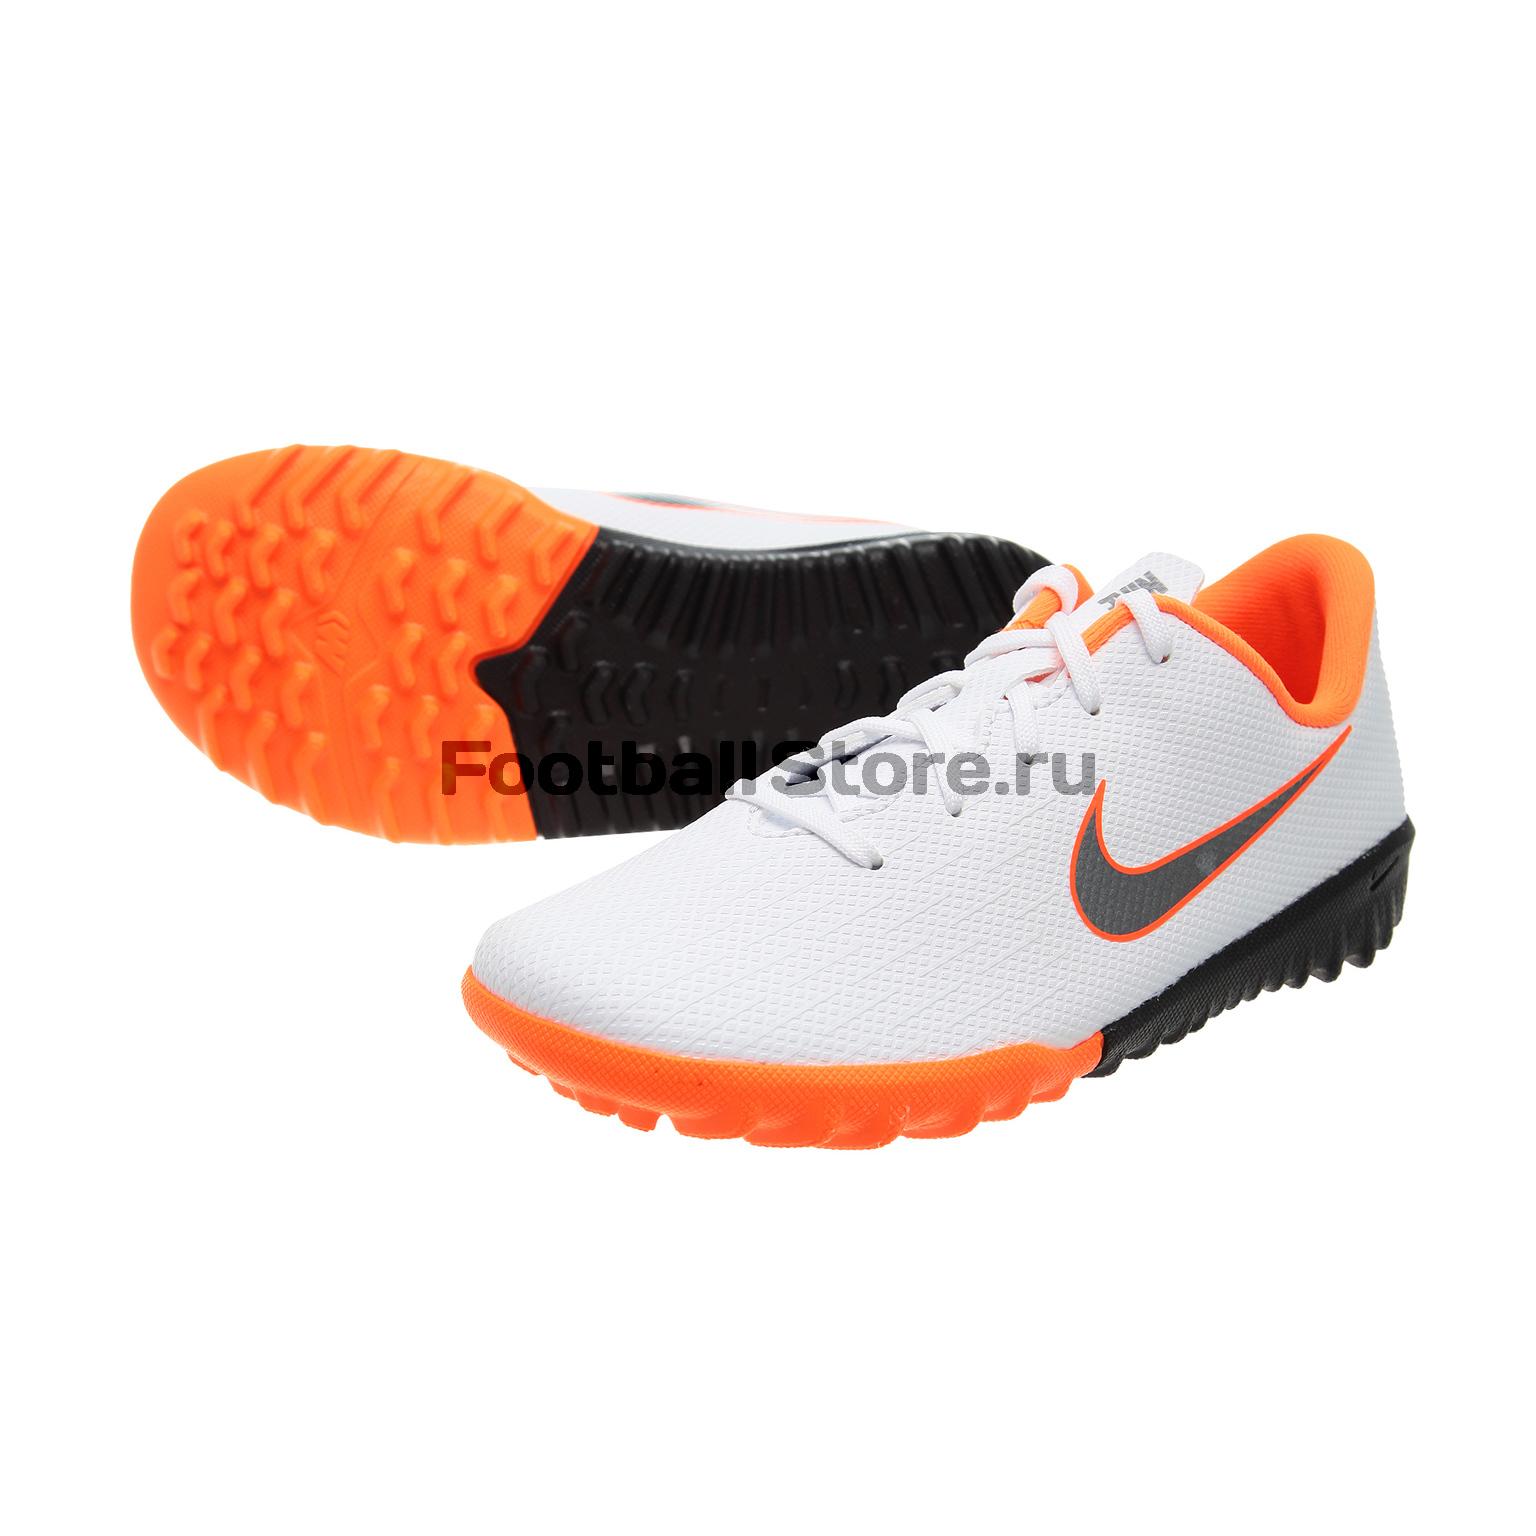 Шиповки детские Nike VaporX 12 Academy PS TF AH7353-107 шиповки nike vaporx 12 pro tf ah7388 810